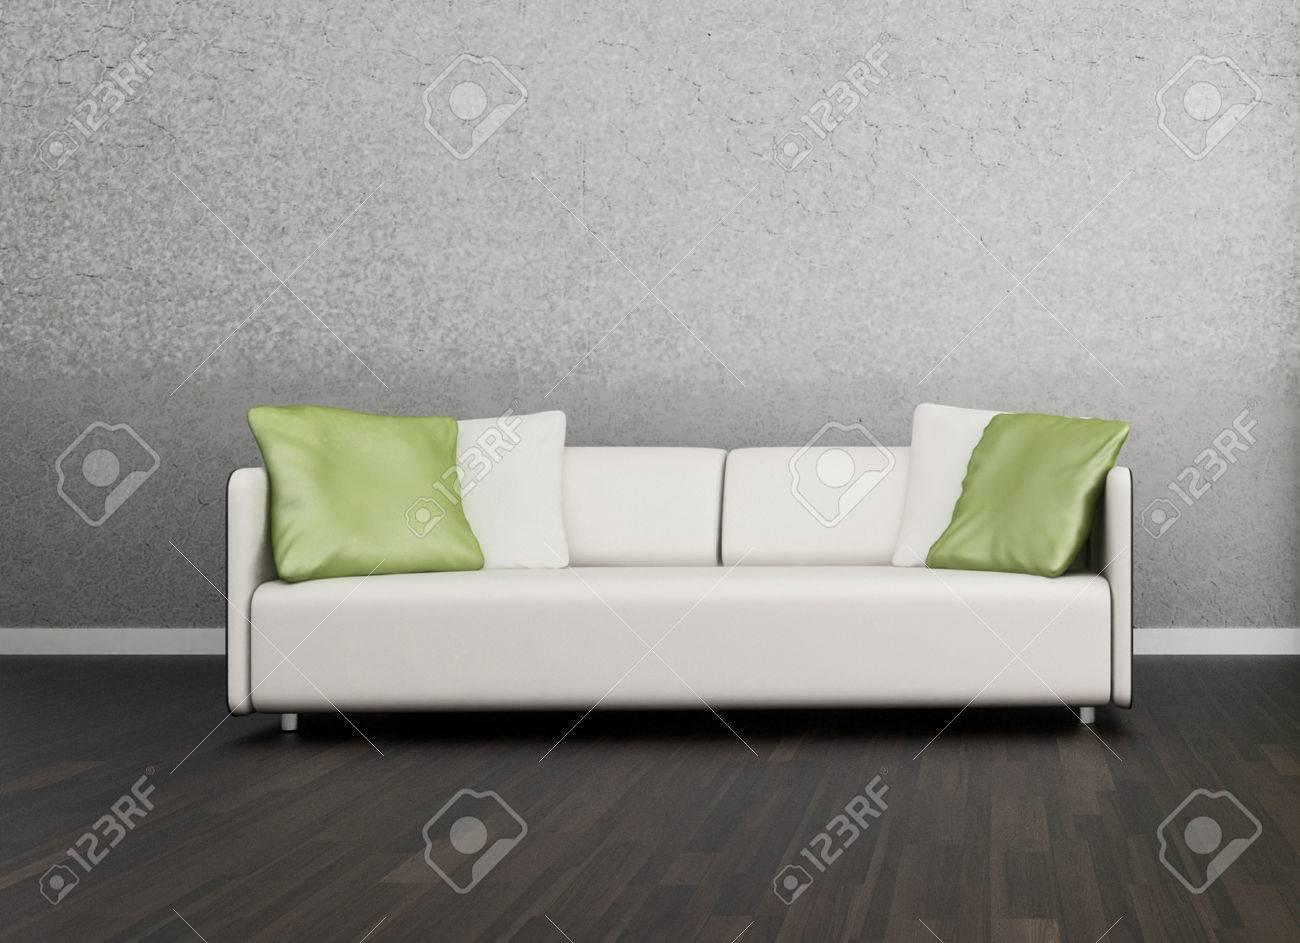 3d rendering von loft wohnung innenraum mit weißen couch gegen ...